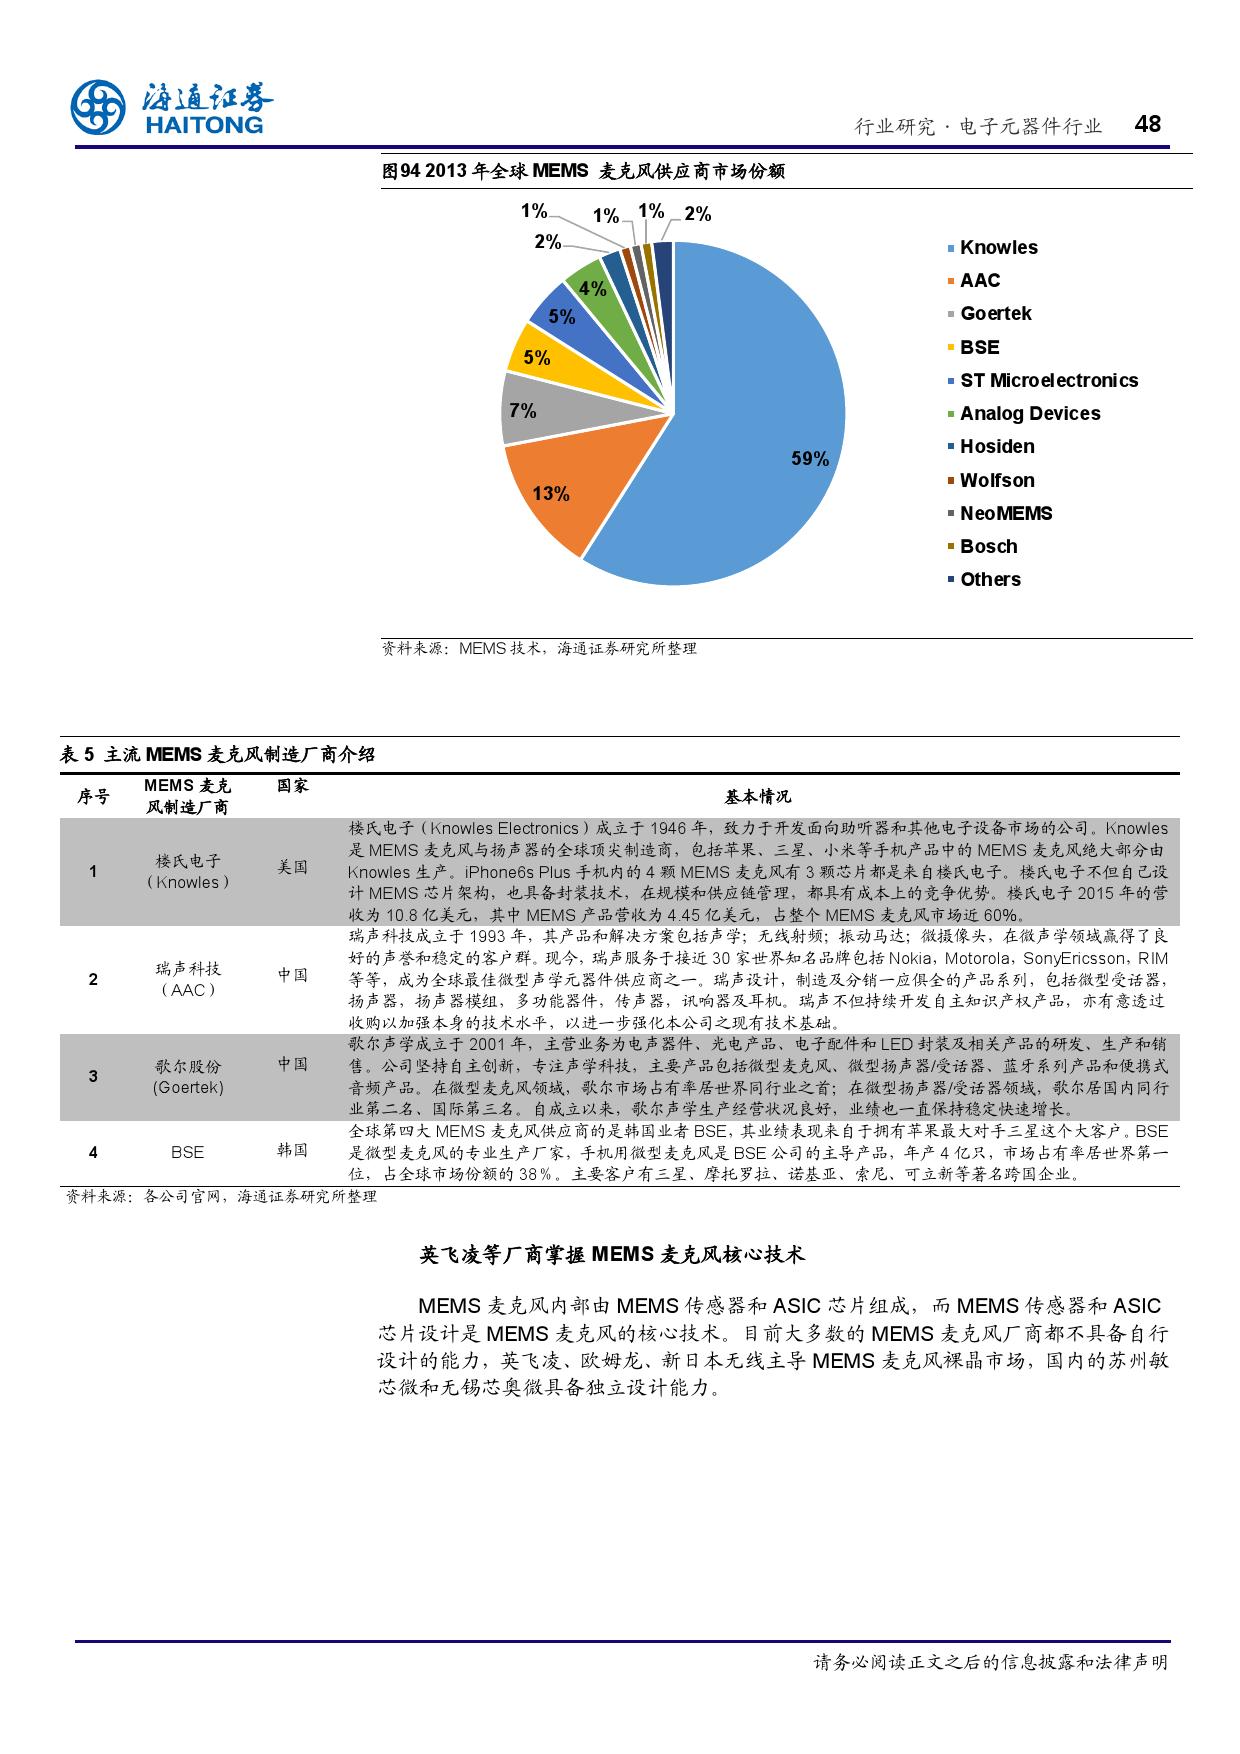 报告全解传感器全球产业链_000048